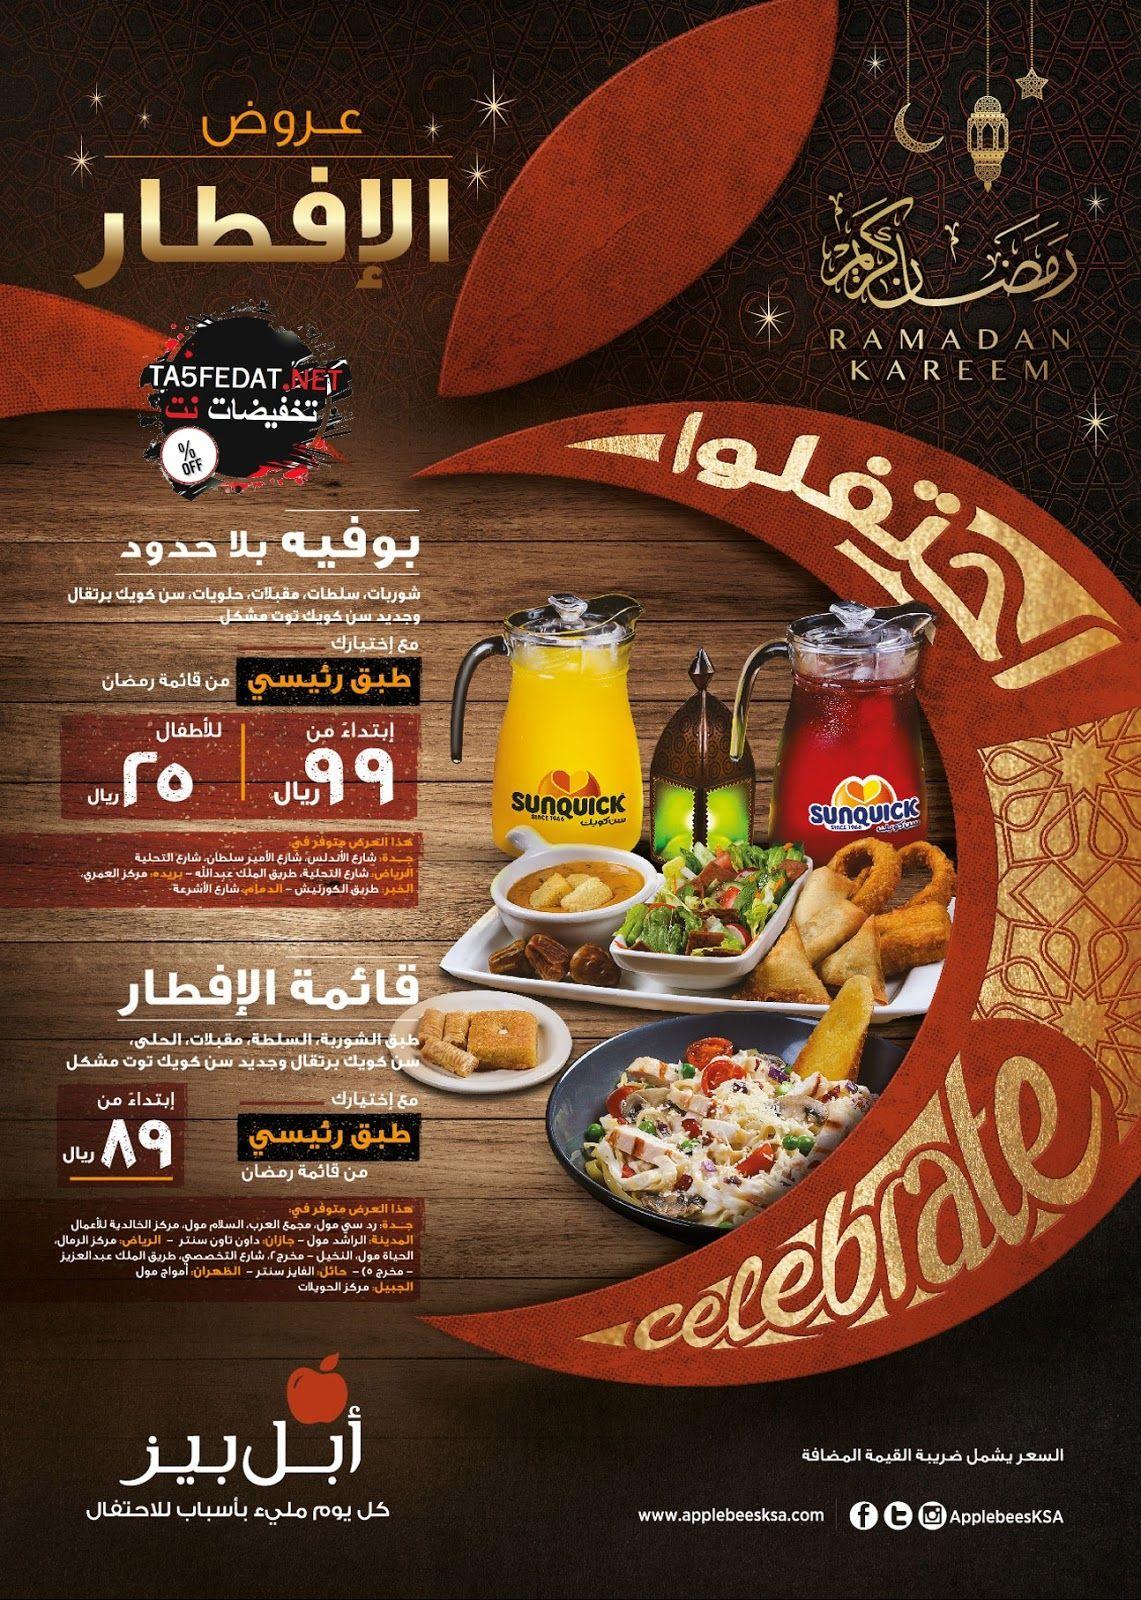 عروض افطار وقائمة طعام منيو مطعم ابل بييز Applebee S لشهر رمضان المبارك Iftar Menu